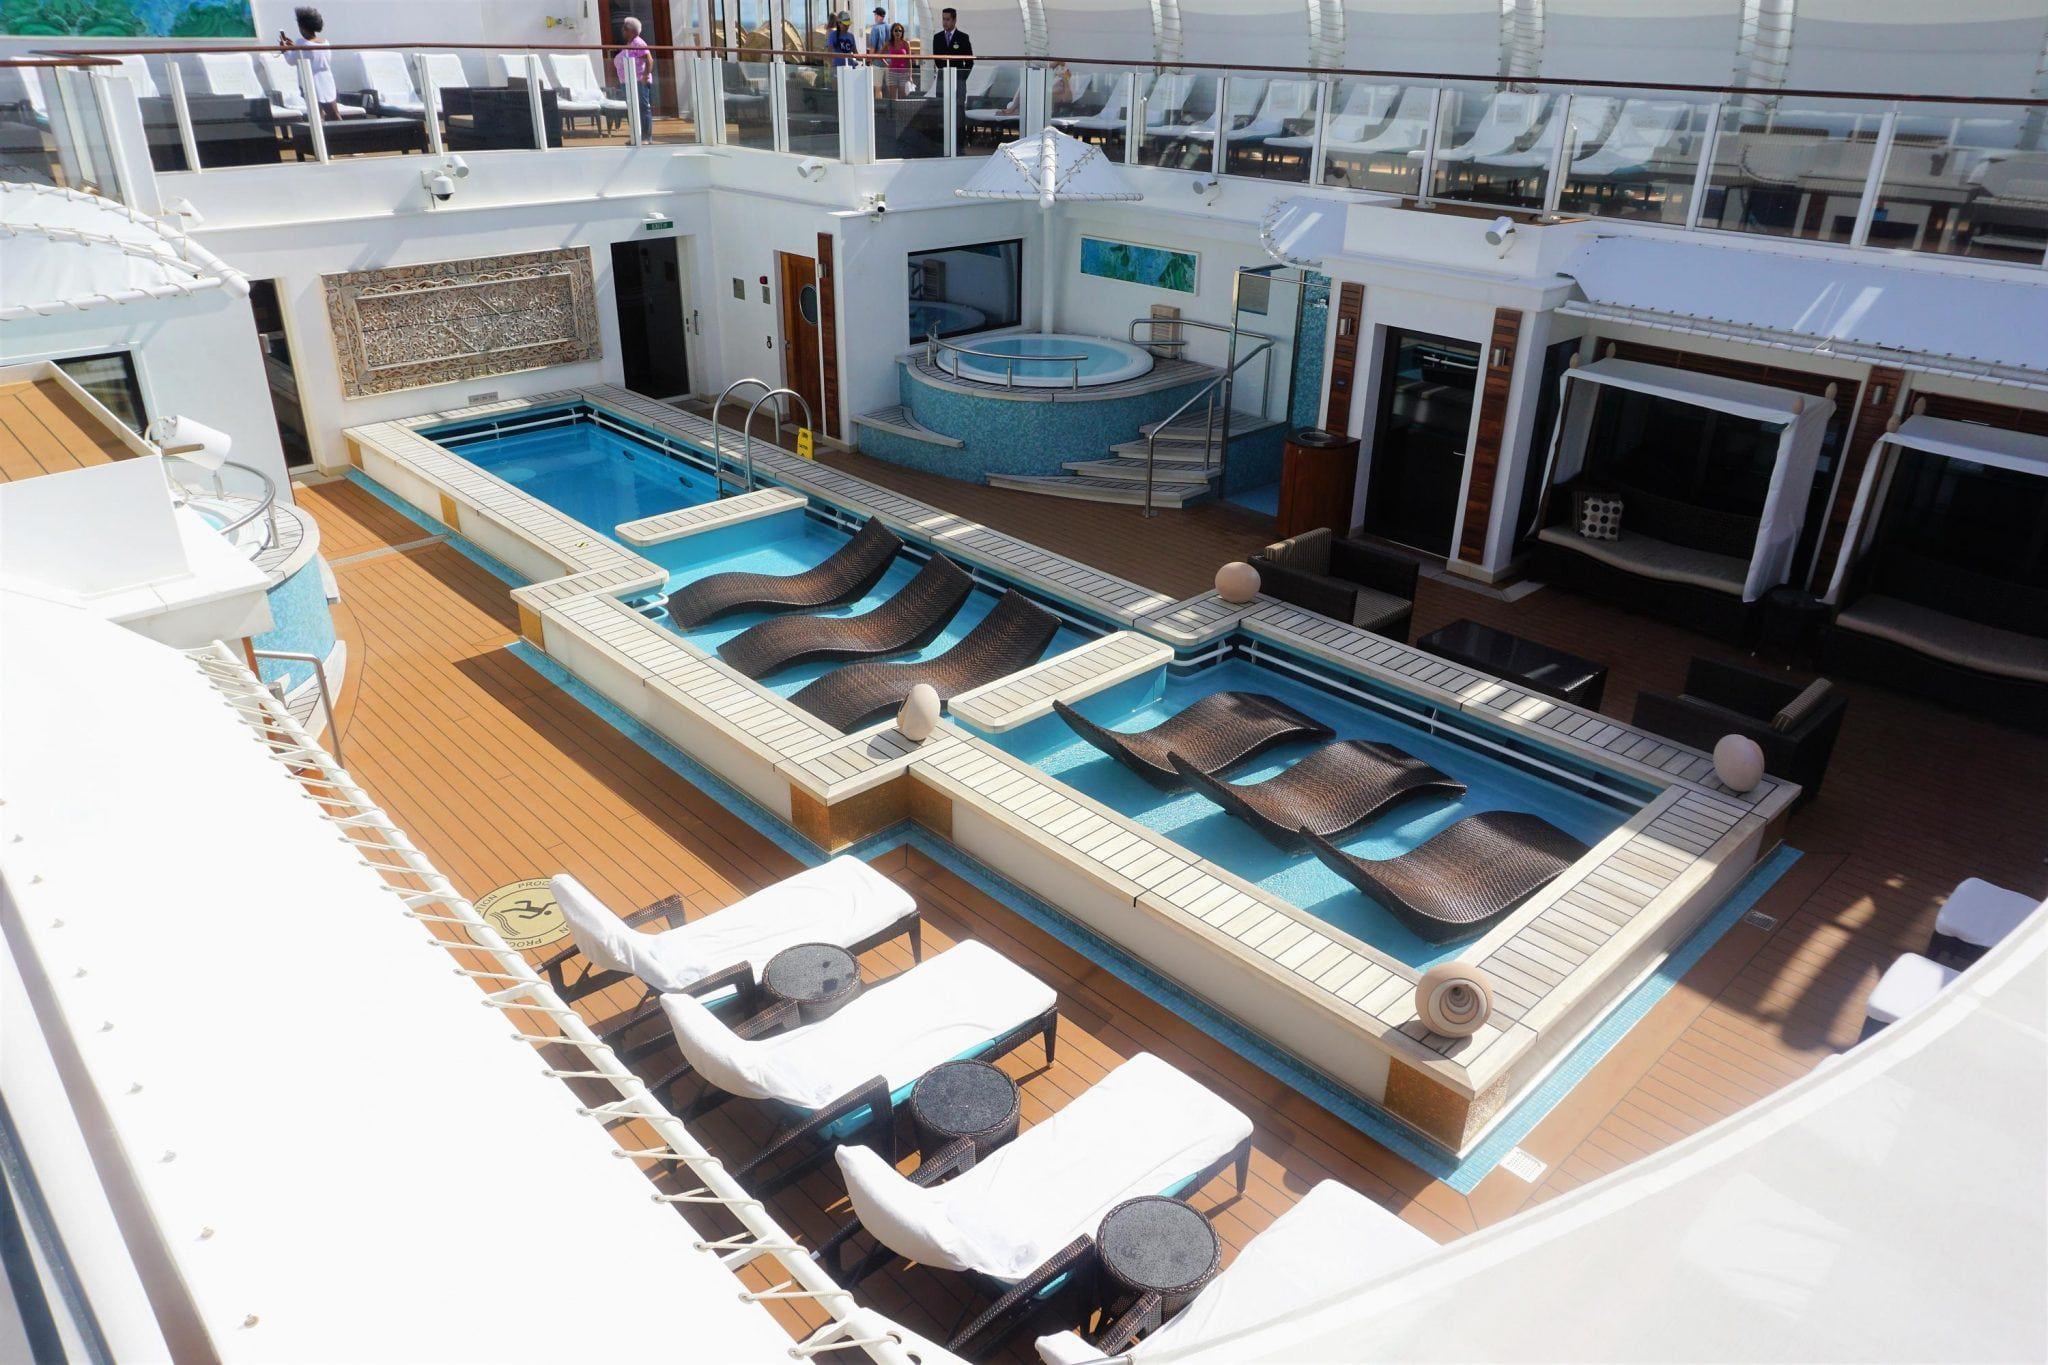 Norwegian Getaway Western Caribbean Cruise Review